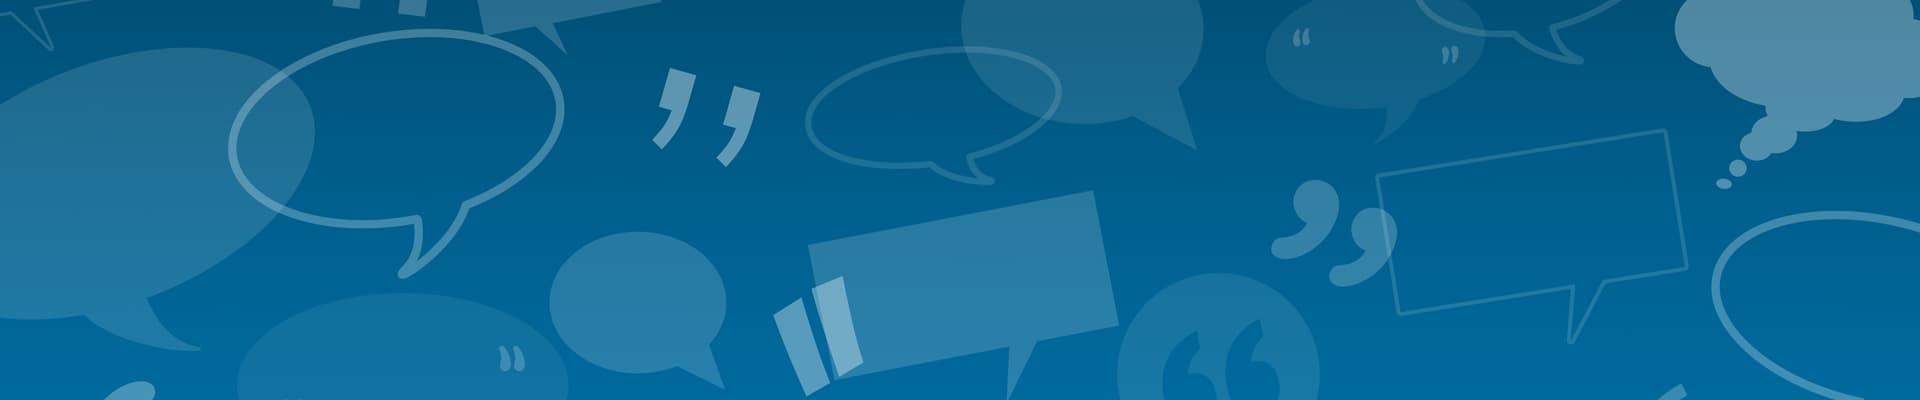 Kundenreferenzen über unsere Beratungs-, Trainings- und Coachingtätigkeit